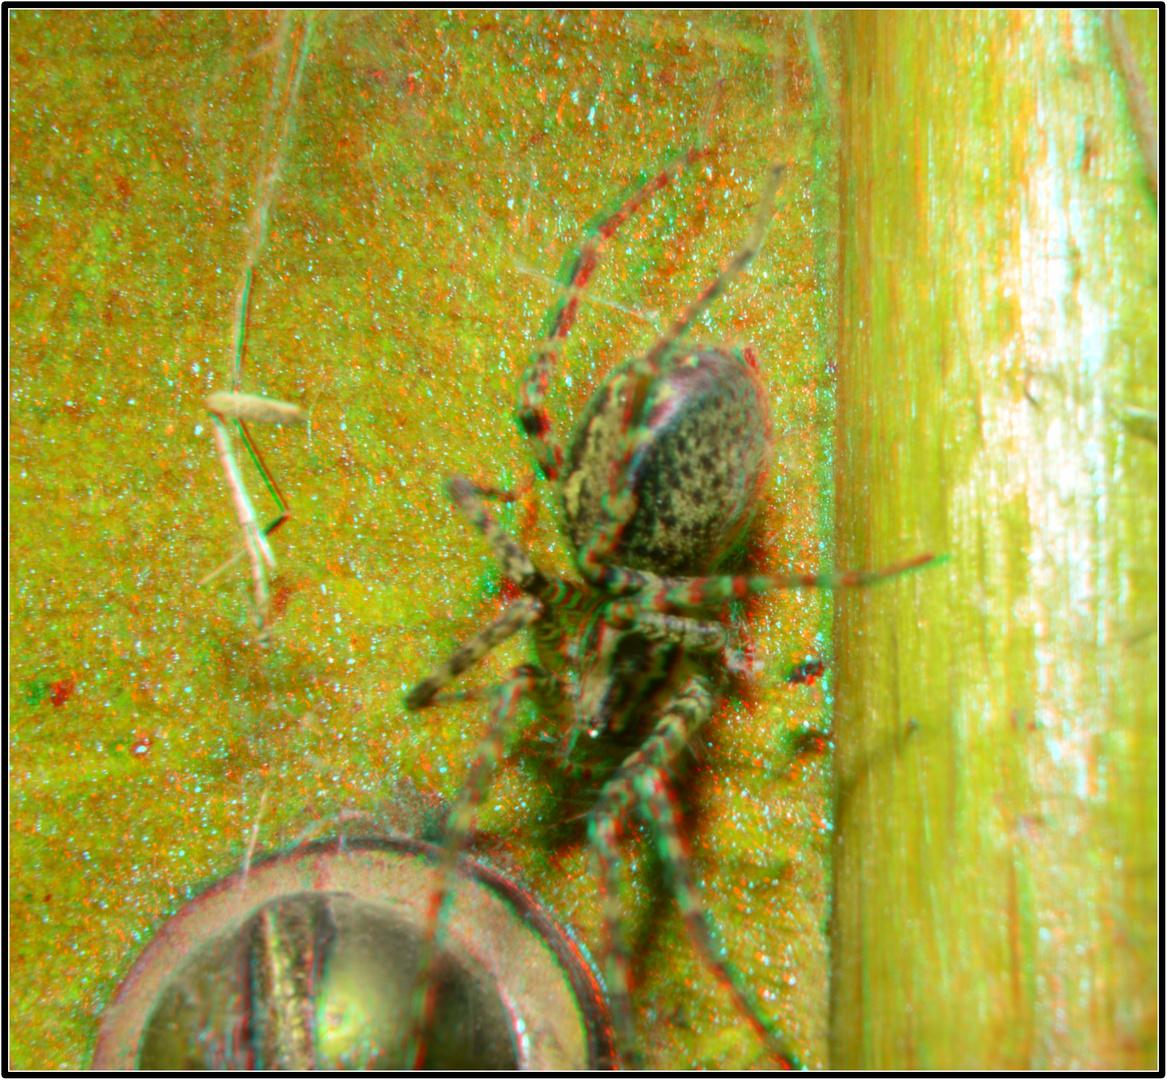 Haus(Freund)Spinne